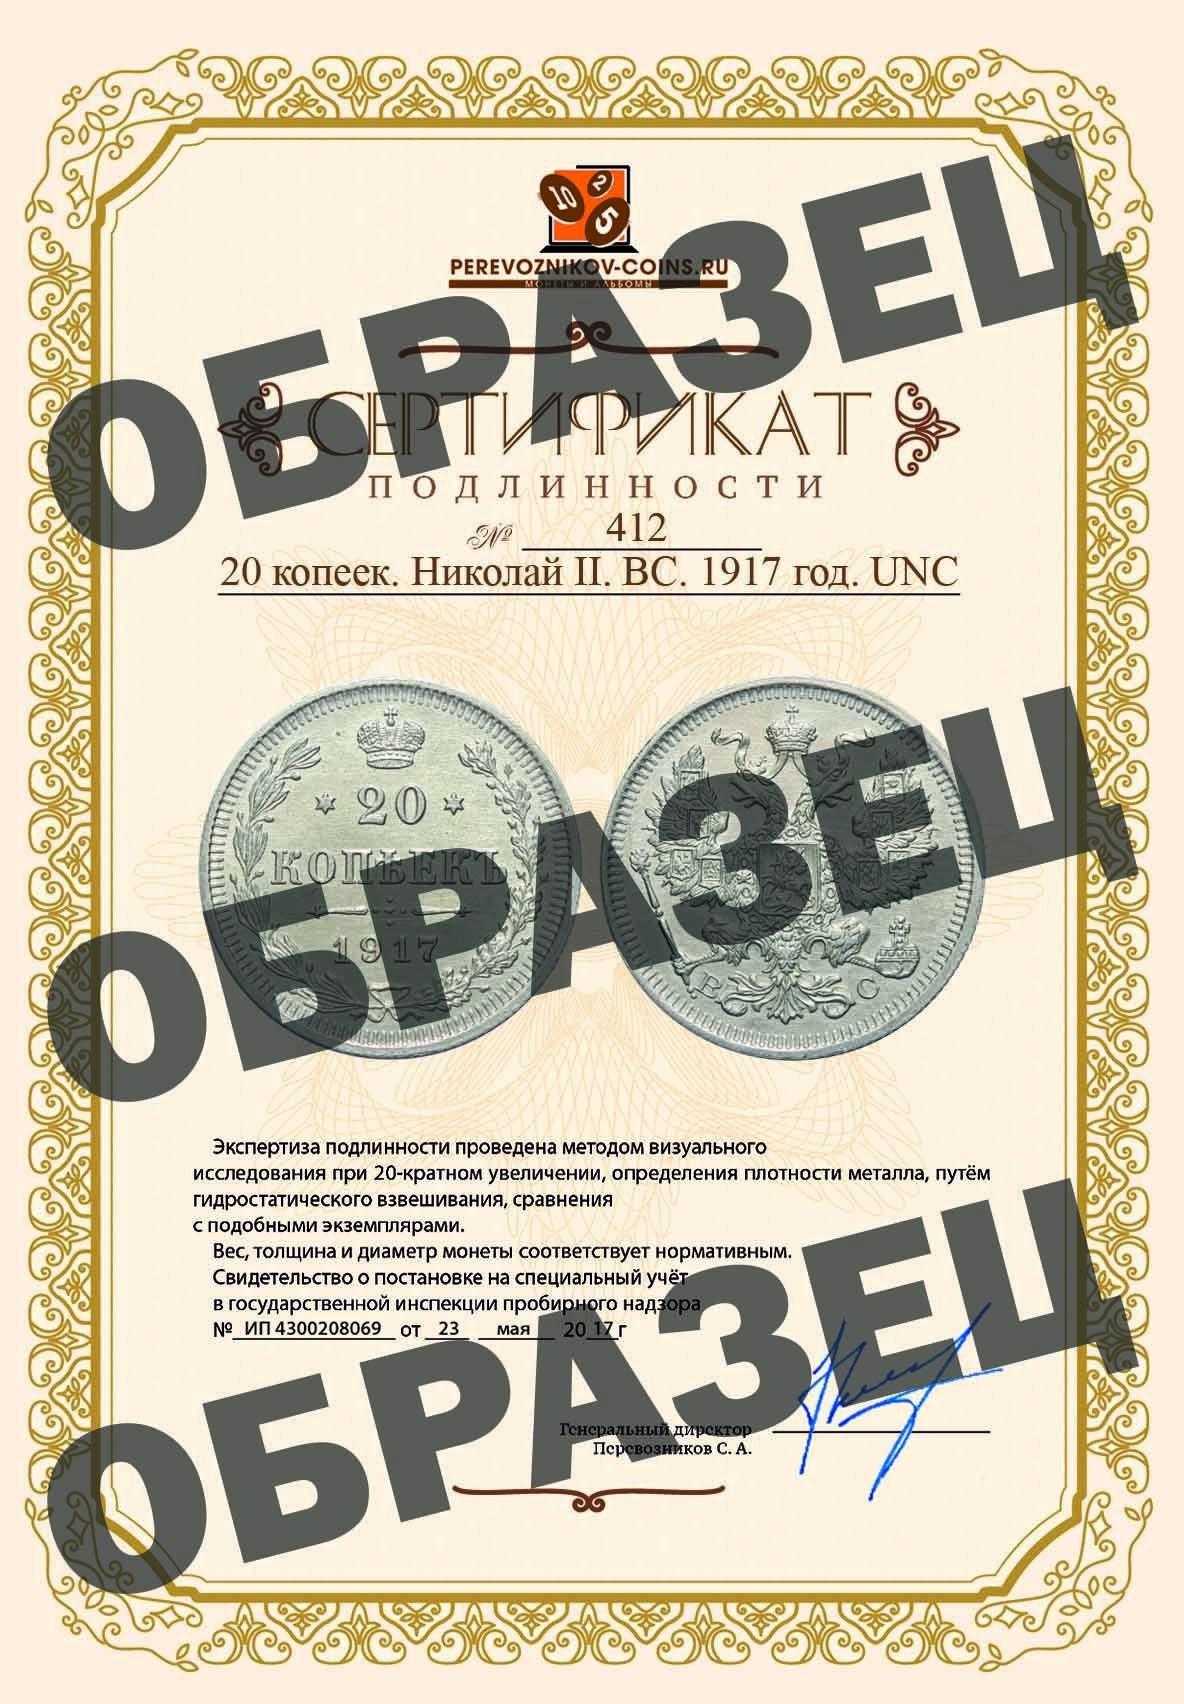 20 копеек. Николай II. ВС. 1917 год. UNC